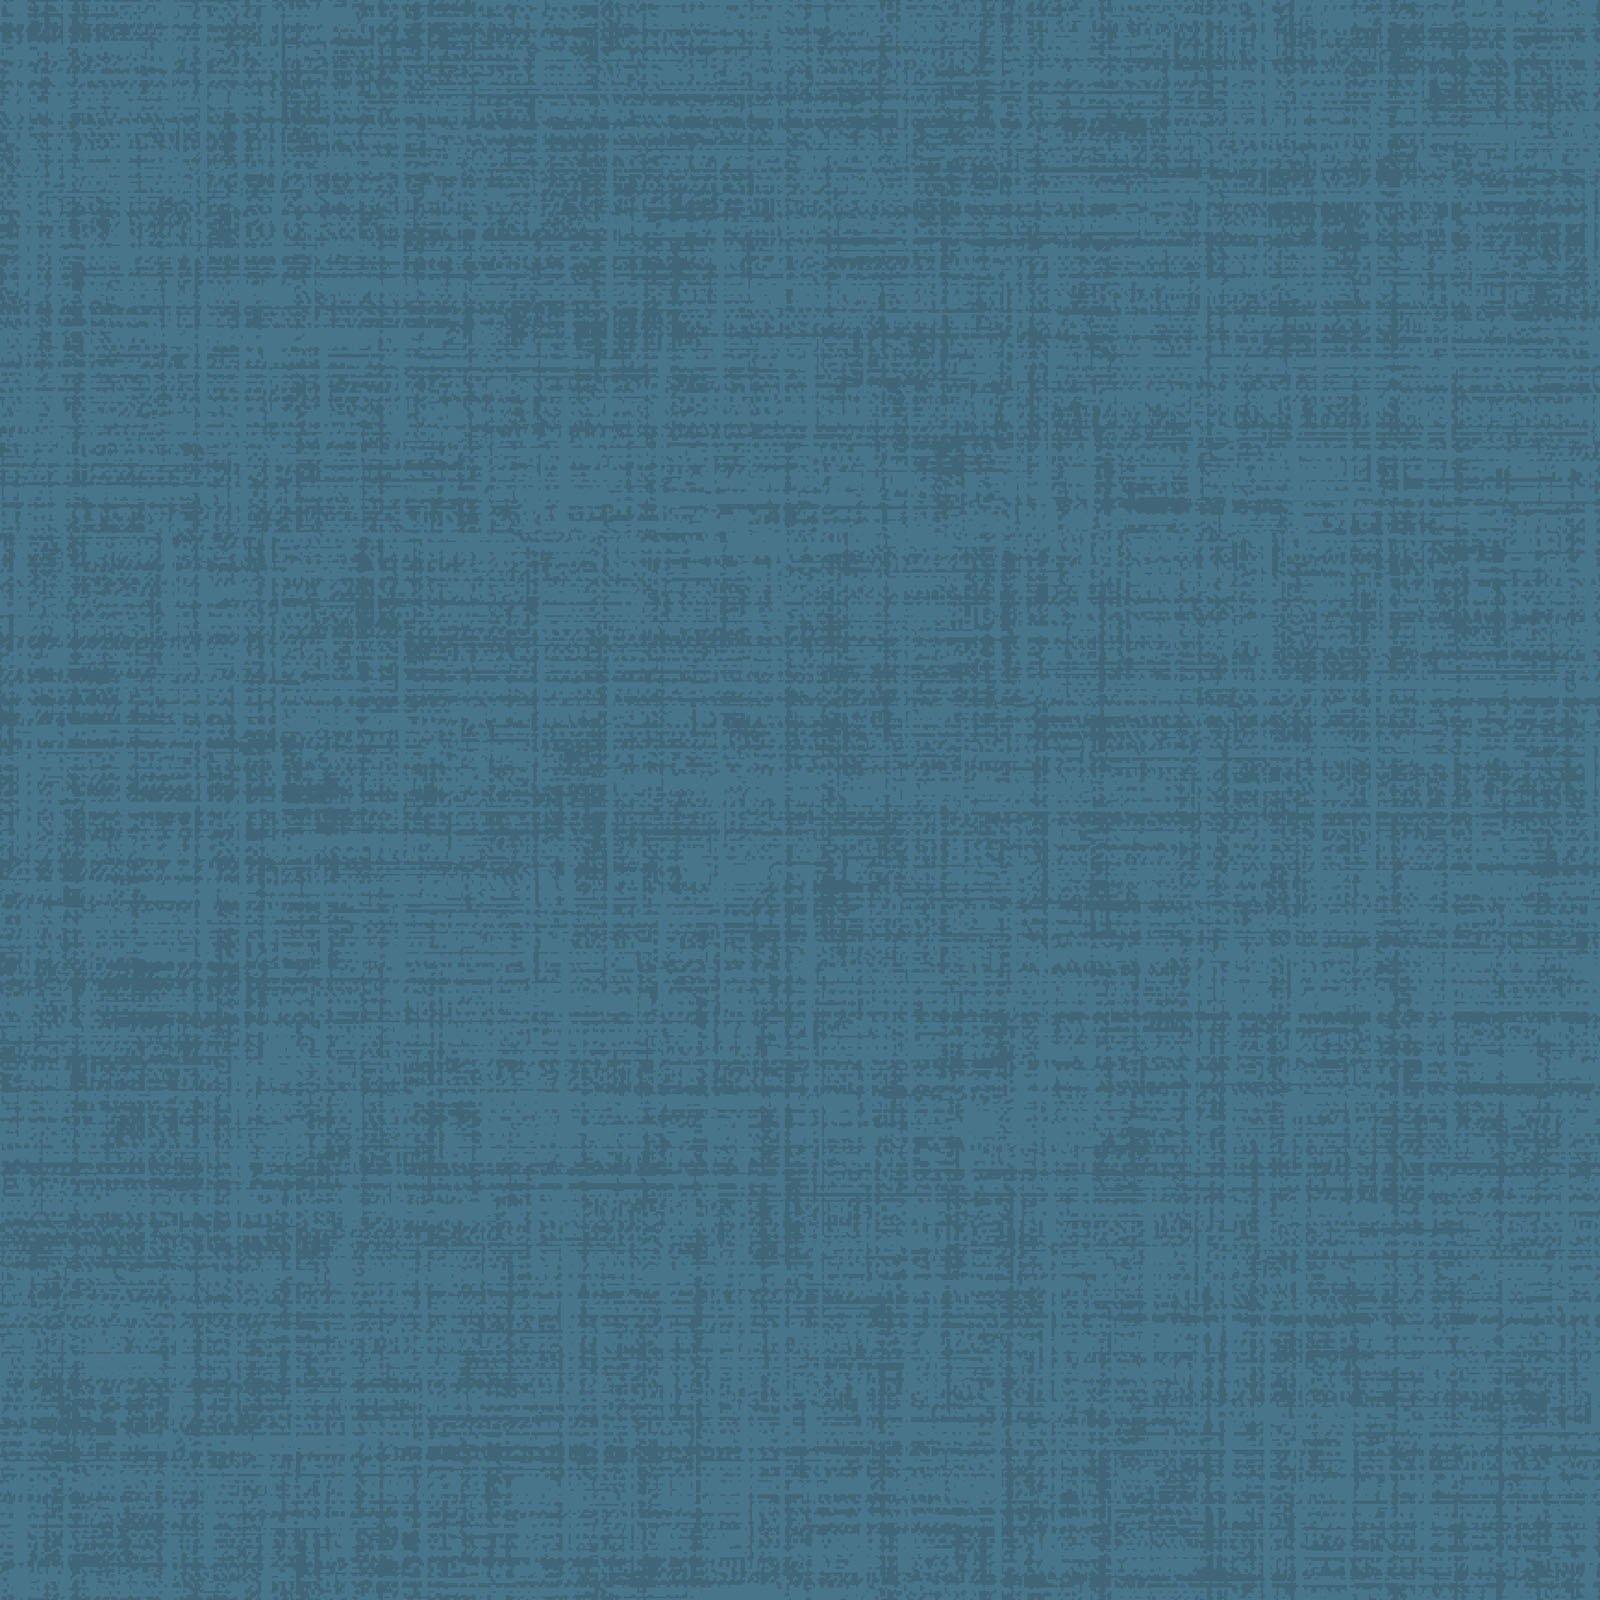 EESC-9889 B - FLOWER & VINE BY MONIQUE JACOBS TEXTURE BLUE - ARRIVING MARCH 2021